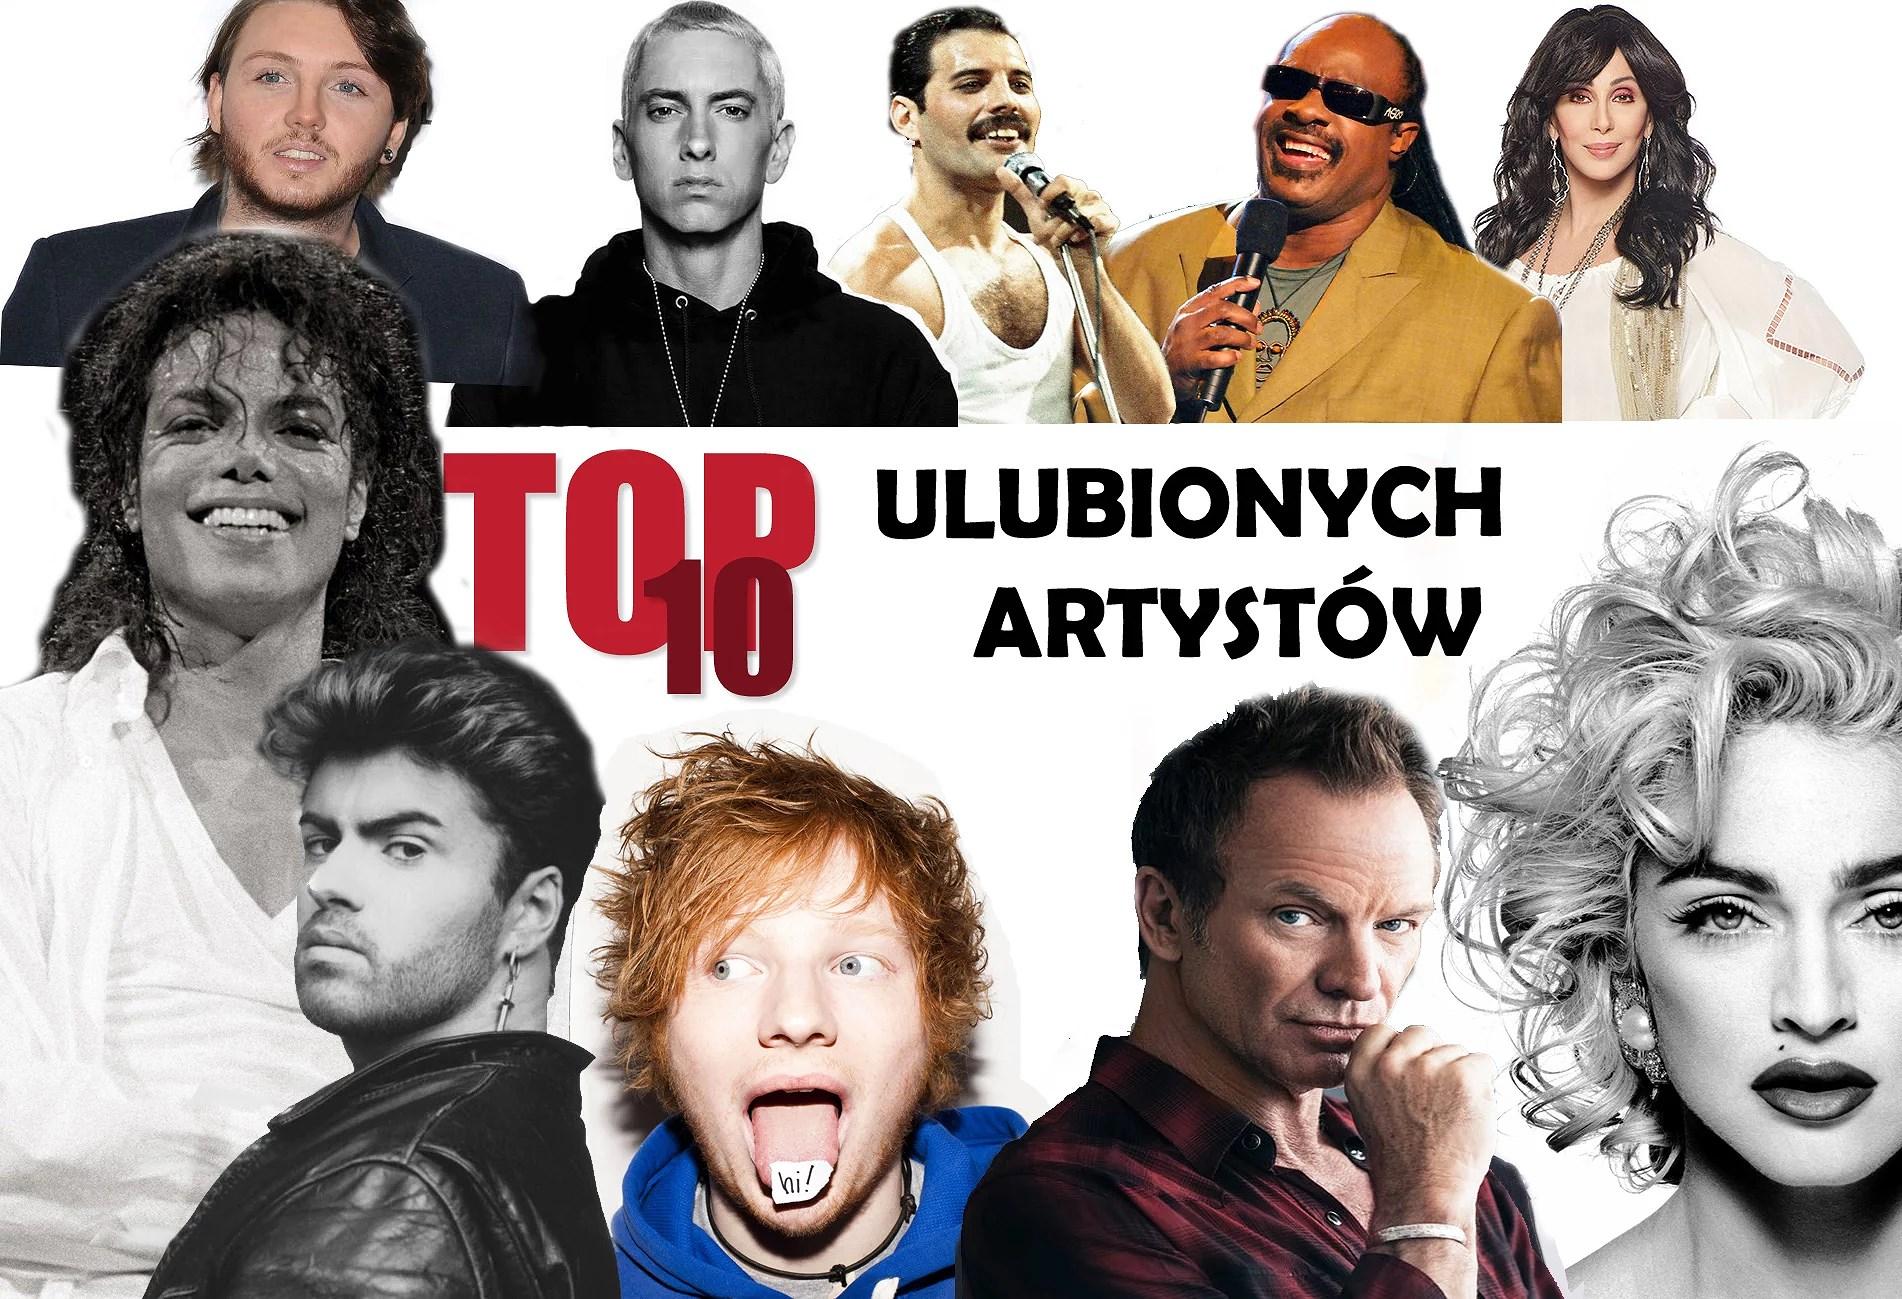 TOP10 ULUBIONYCH ARTYSTÓW